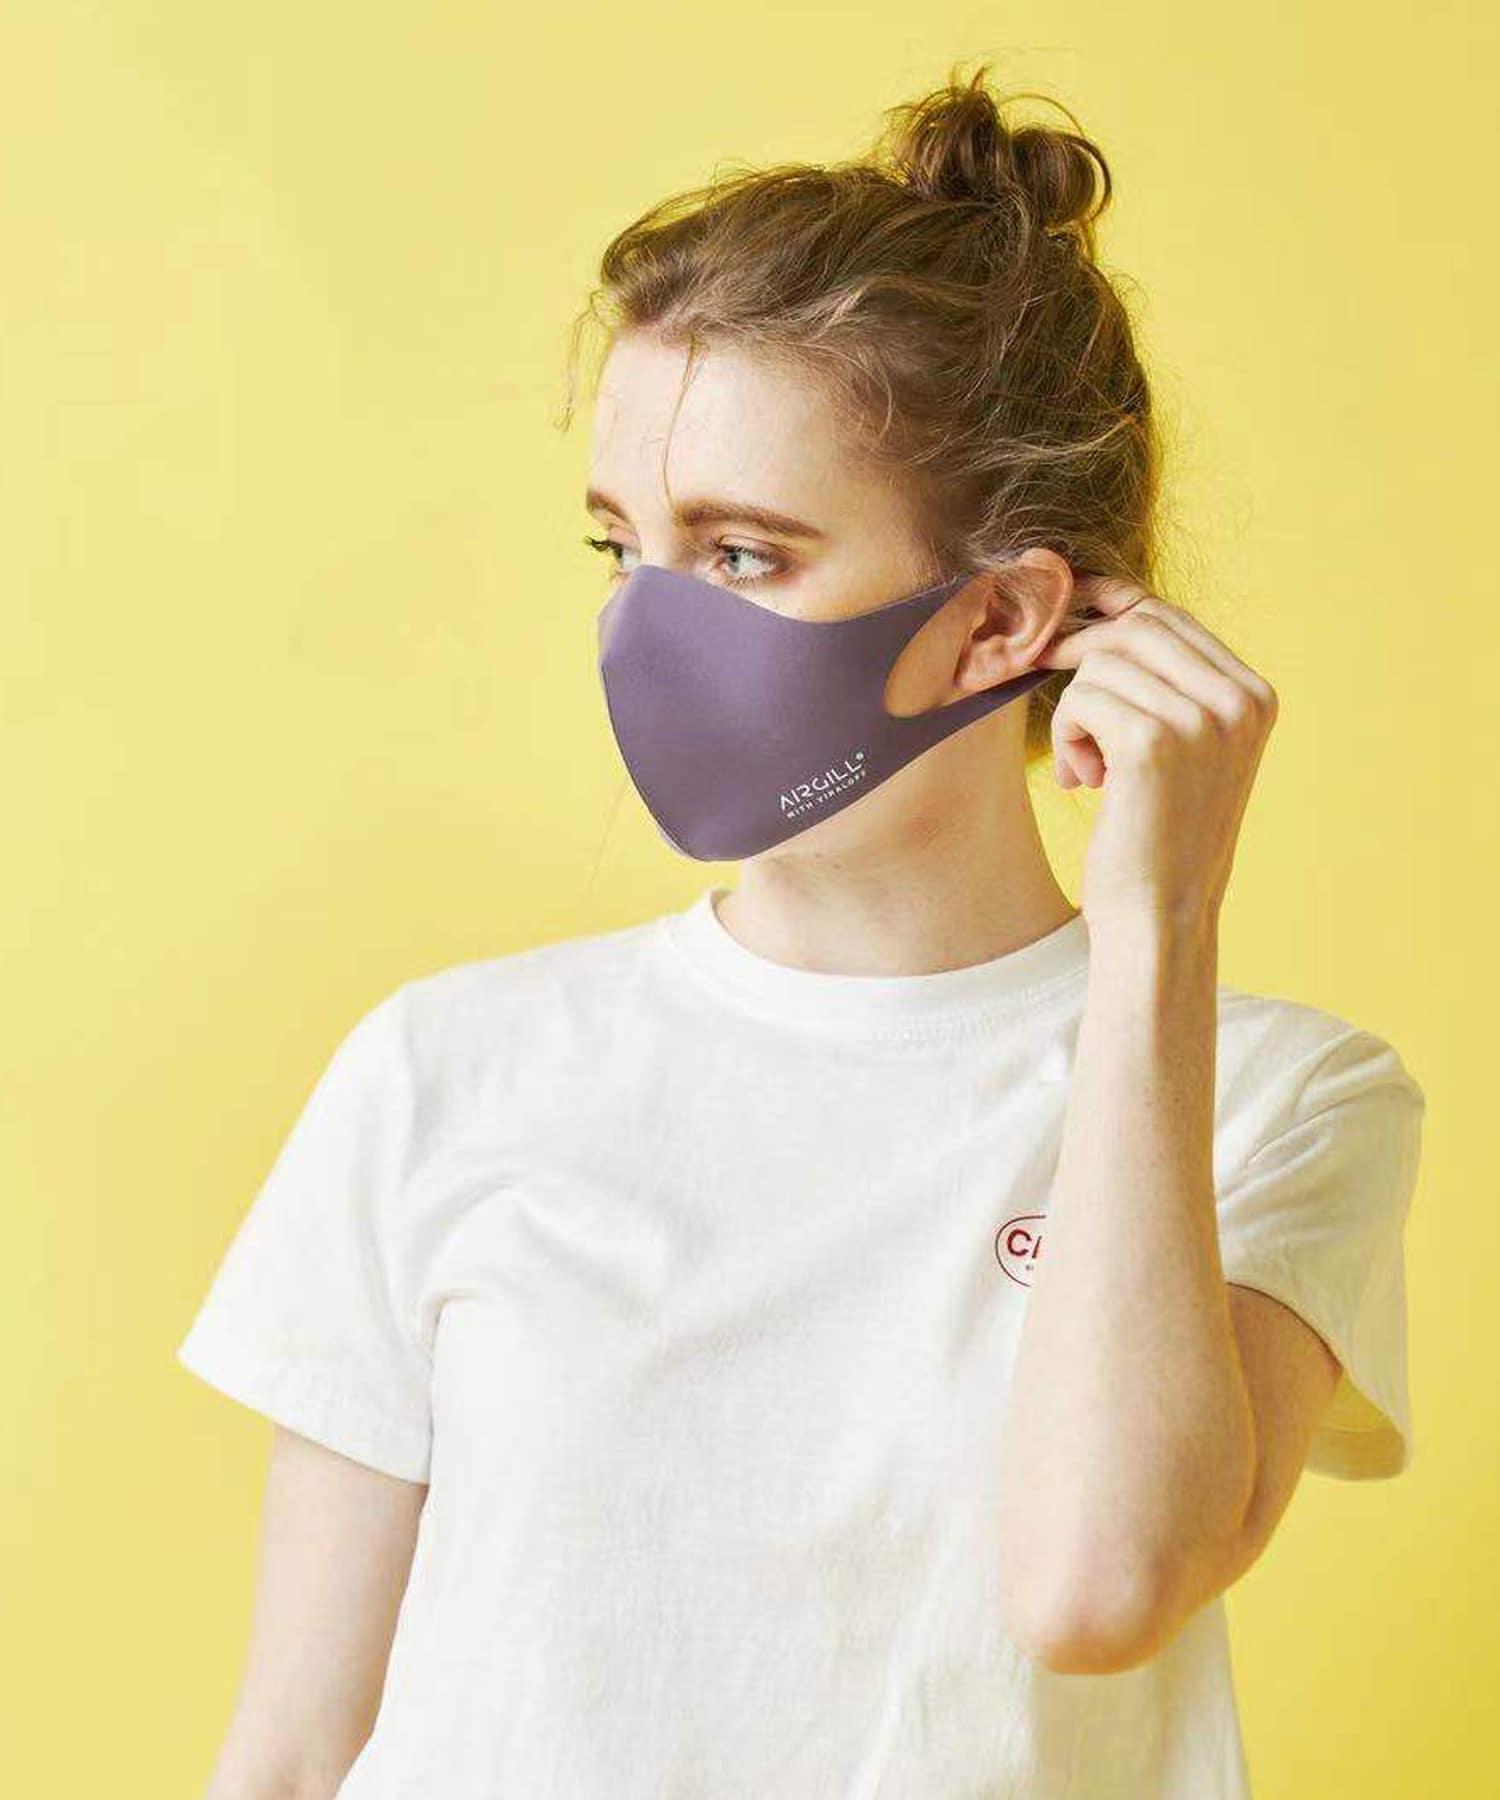 Daily russet(デイリー ラシット) レディース 【抗ウイルス・撥水・消臭・口臭予防】AIR GILLマスク パープル